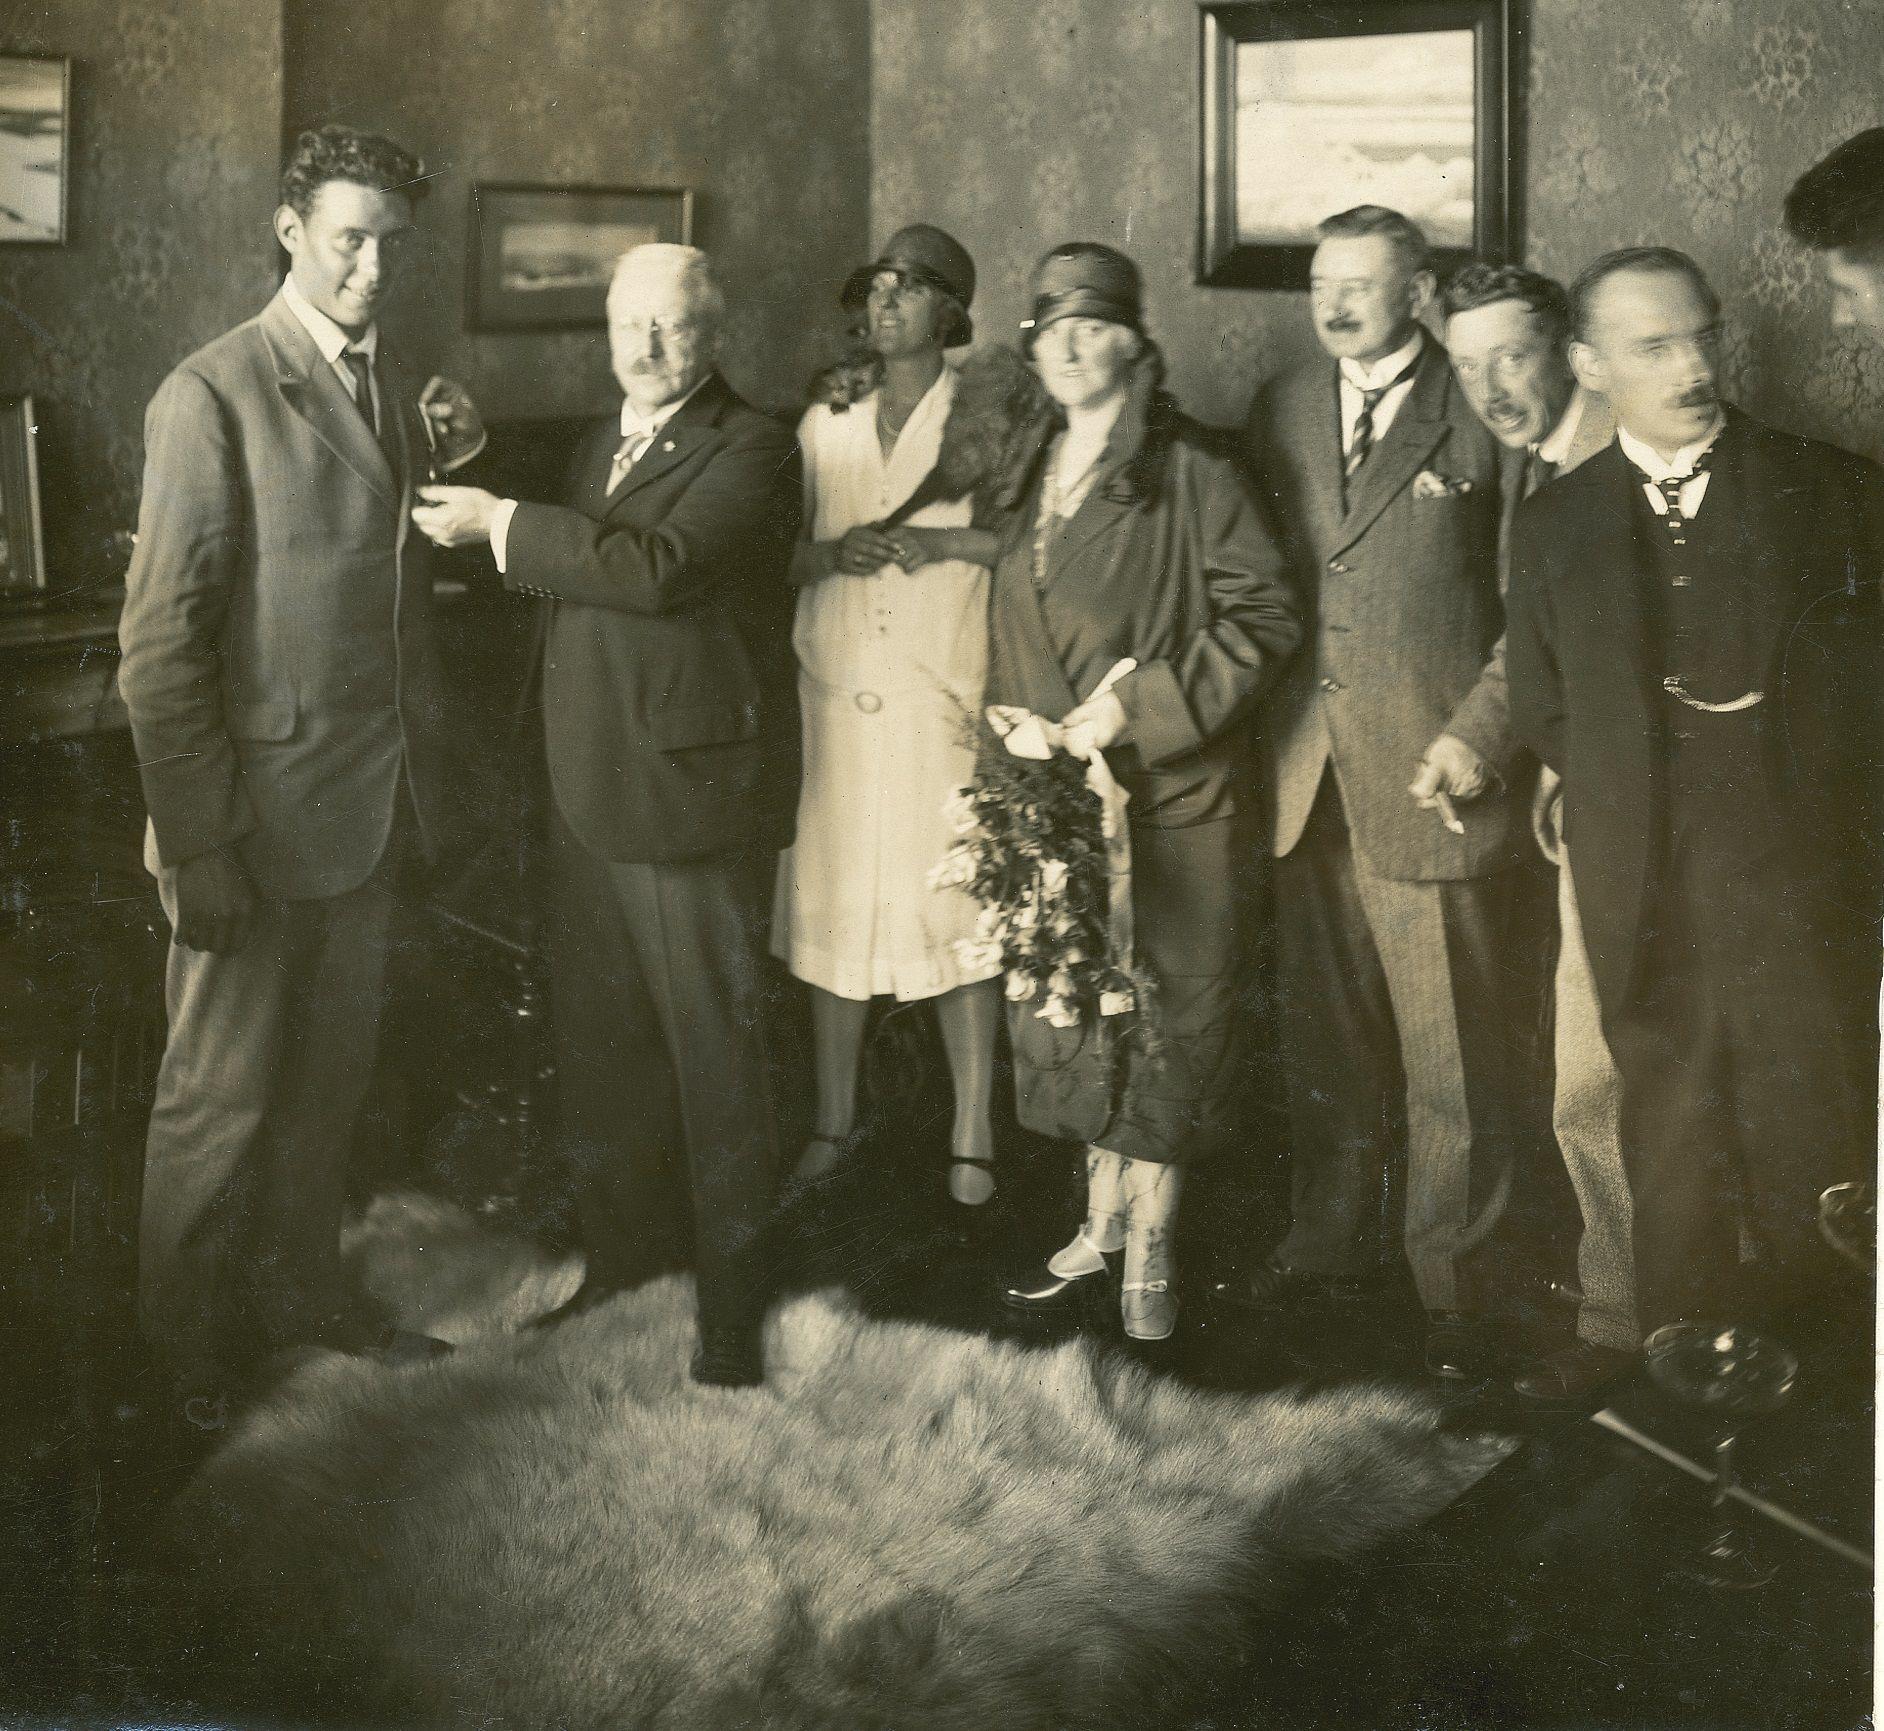 onderscheiding huldiging Nederlandse poolheld Sjef van Dongen Spitsbergen 1928 boek biografie